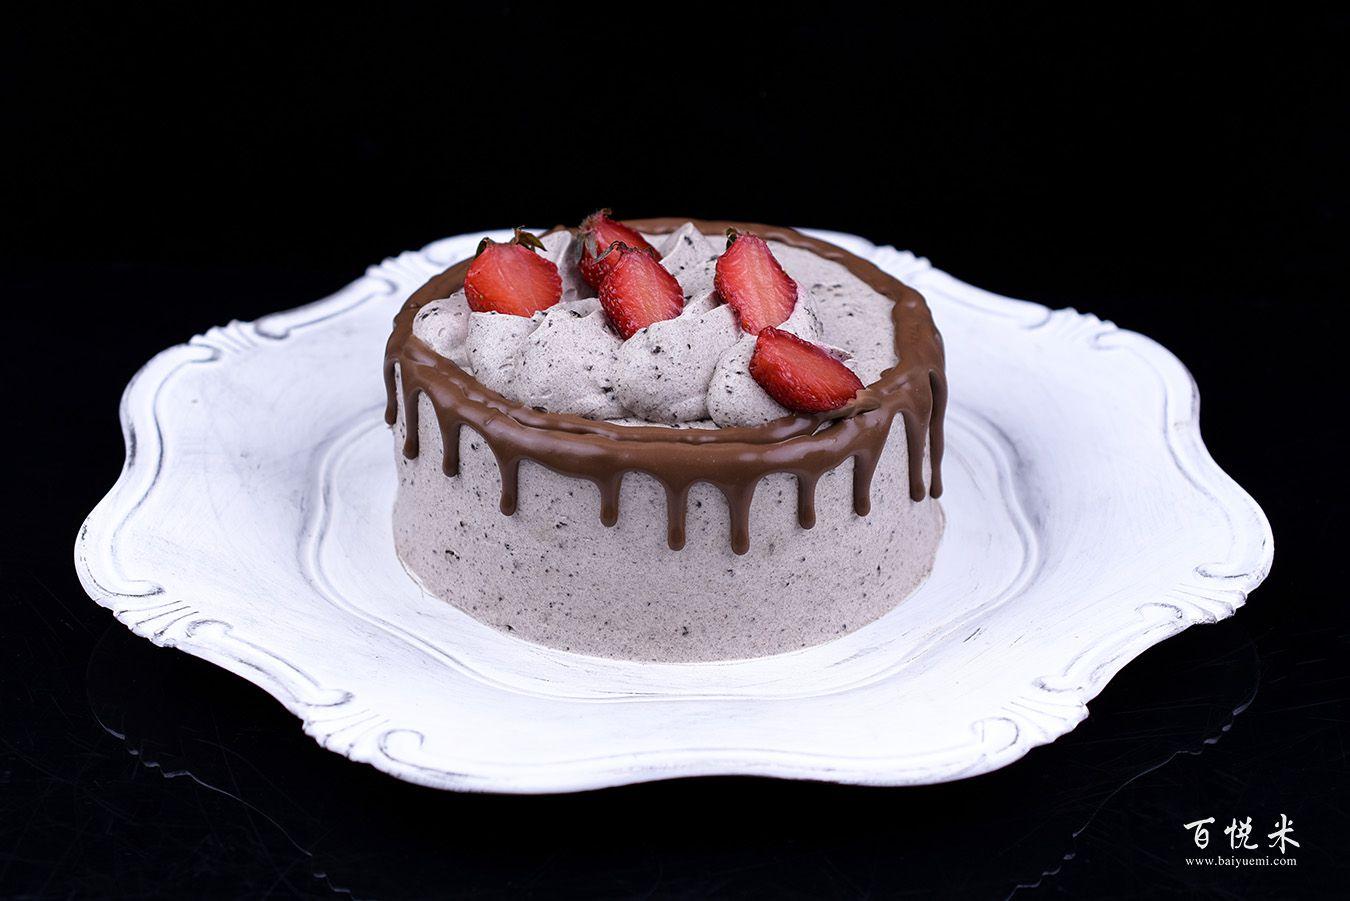 奥利奥咸奶油巧克力淋面蛋糕的做法视频大全_西点培训学习教程